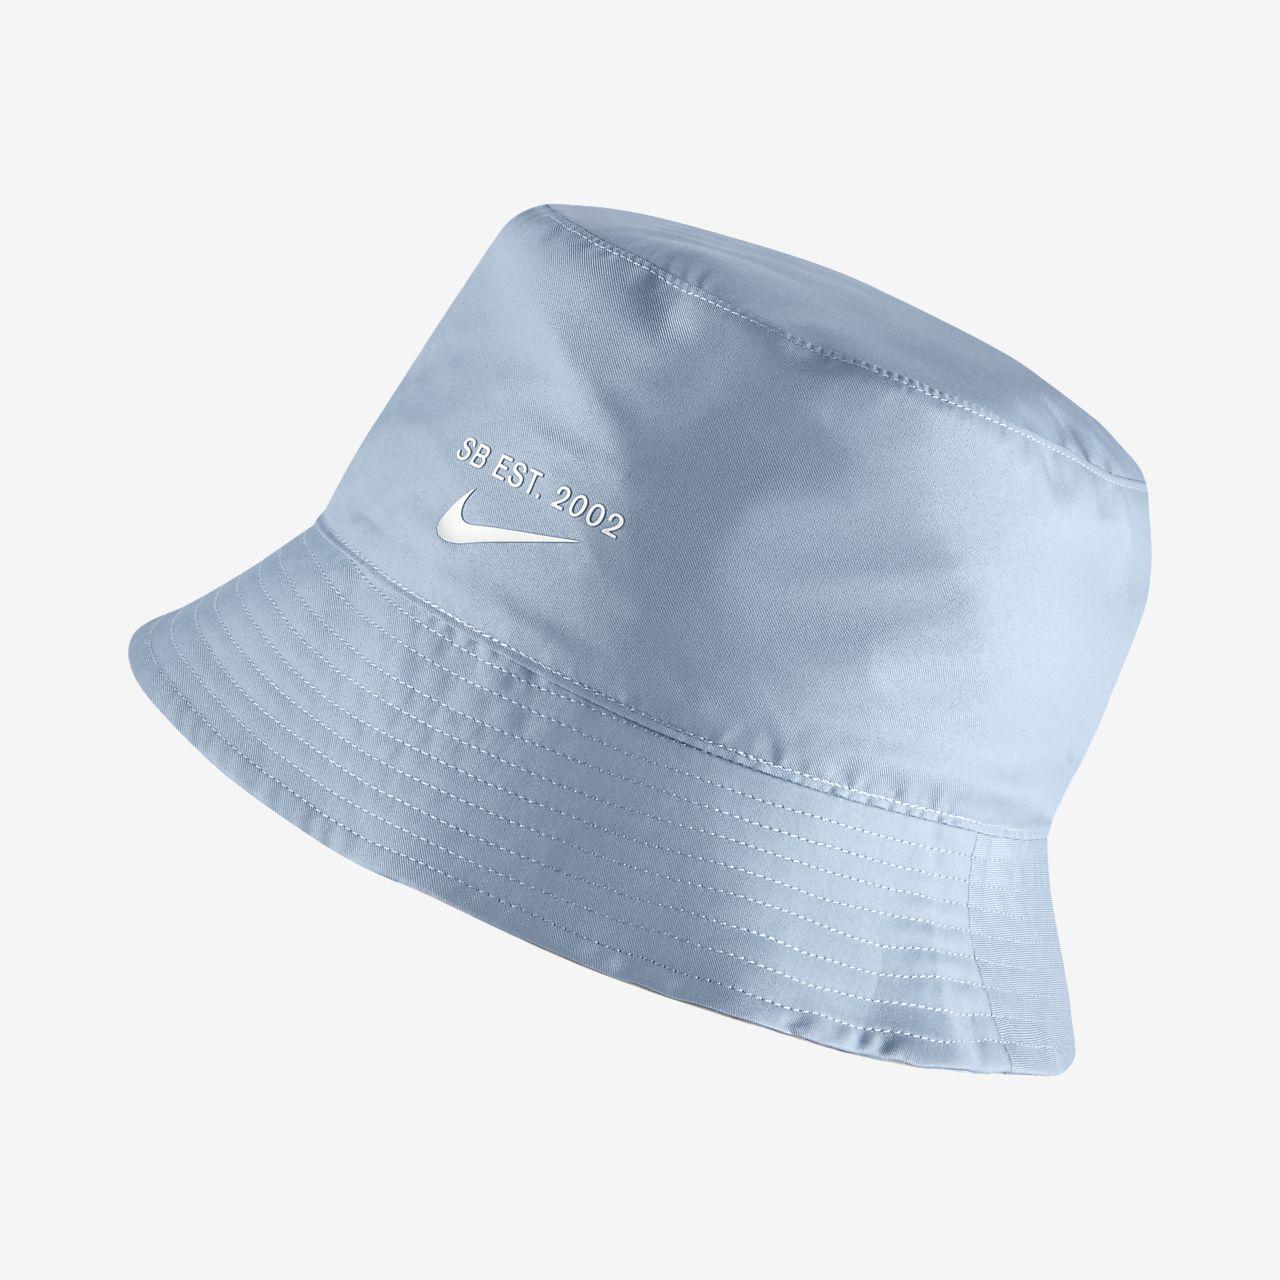 abdec993558b Nike SB Printed Skate Bucket Hat. Nike.com GB